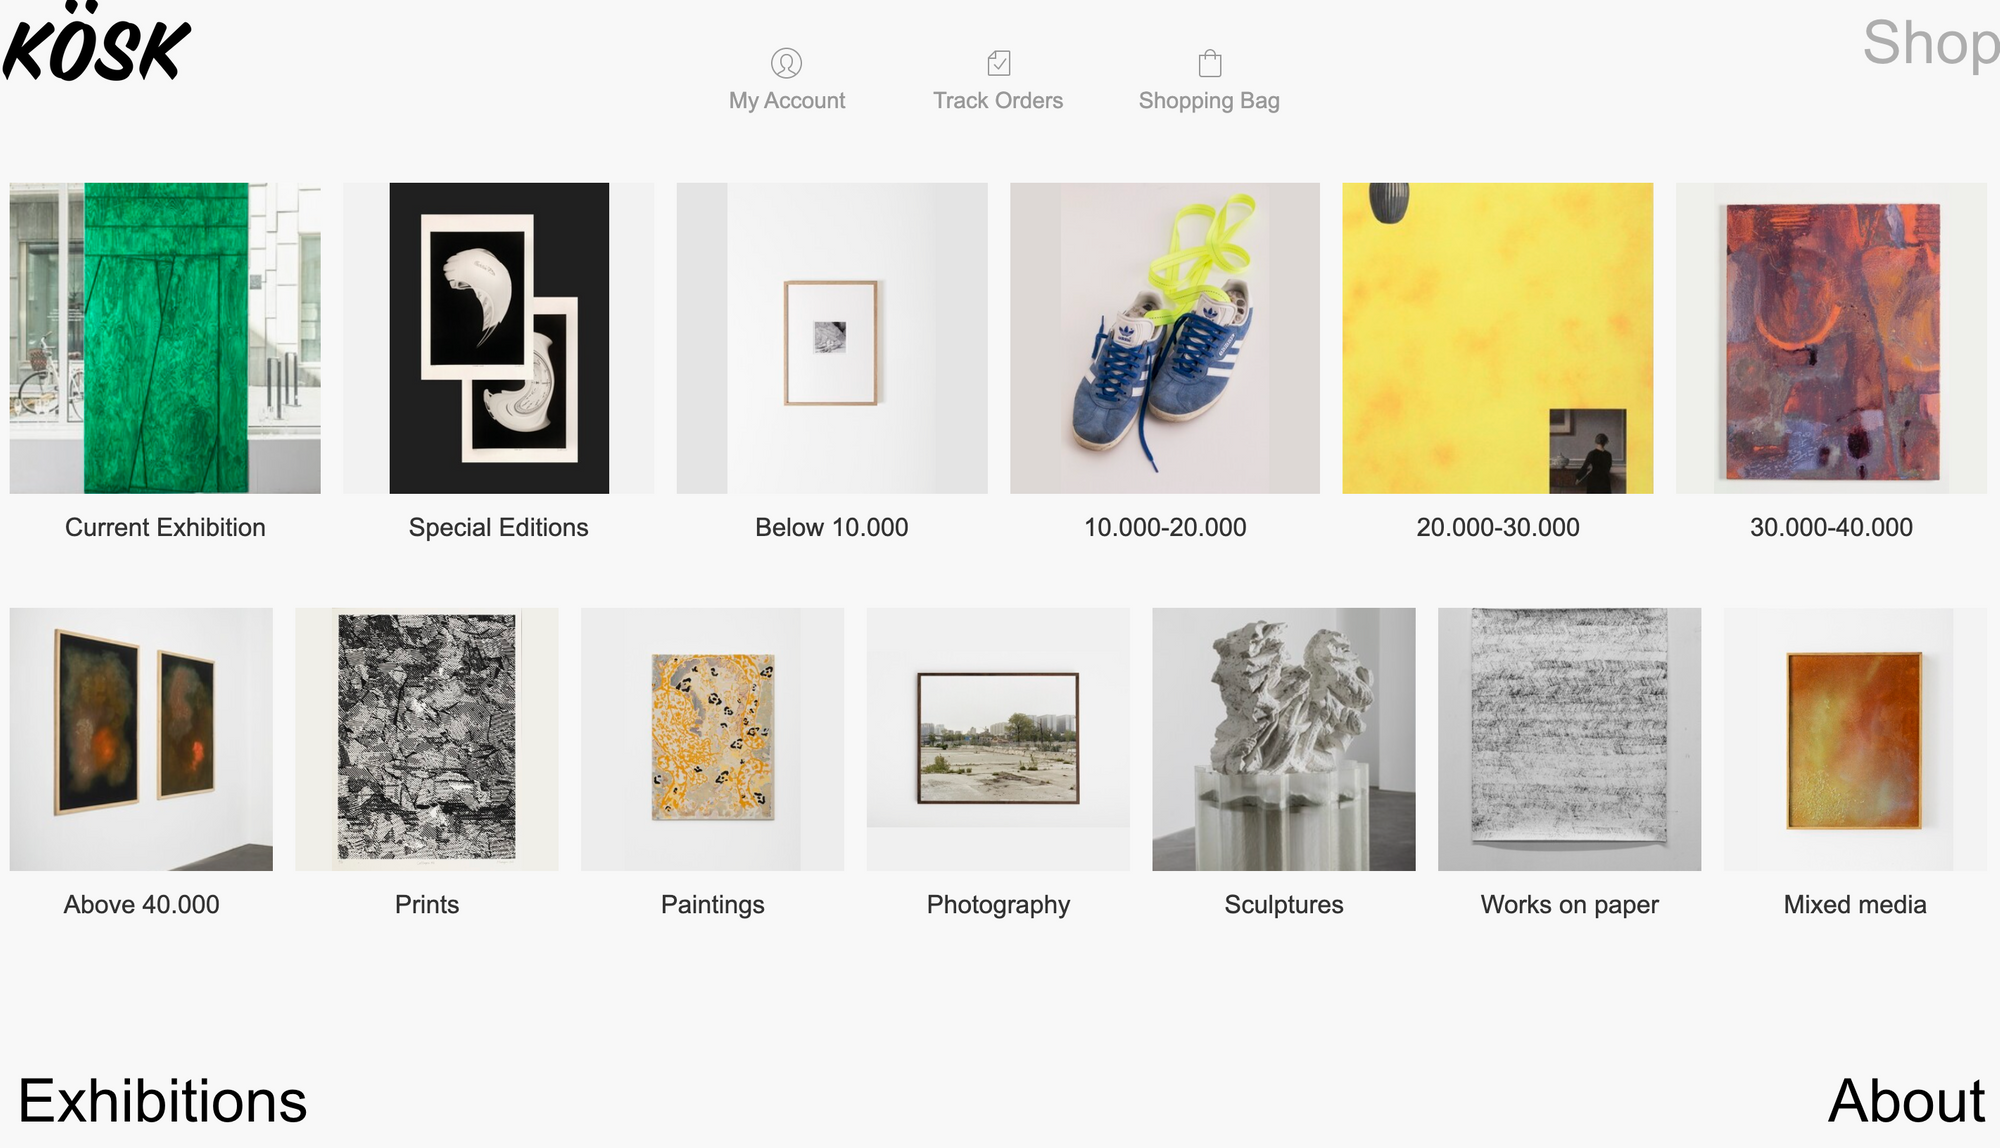 KÖSK lar deg kjøpe kunst på nett — sjekk ut koskoslo.no